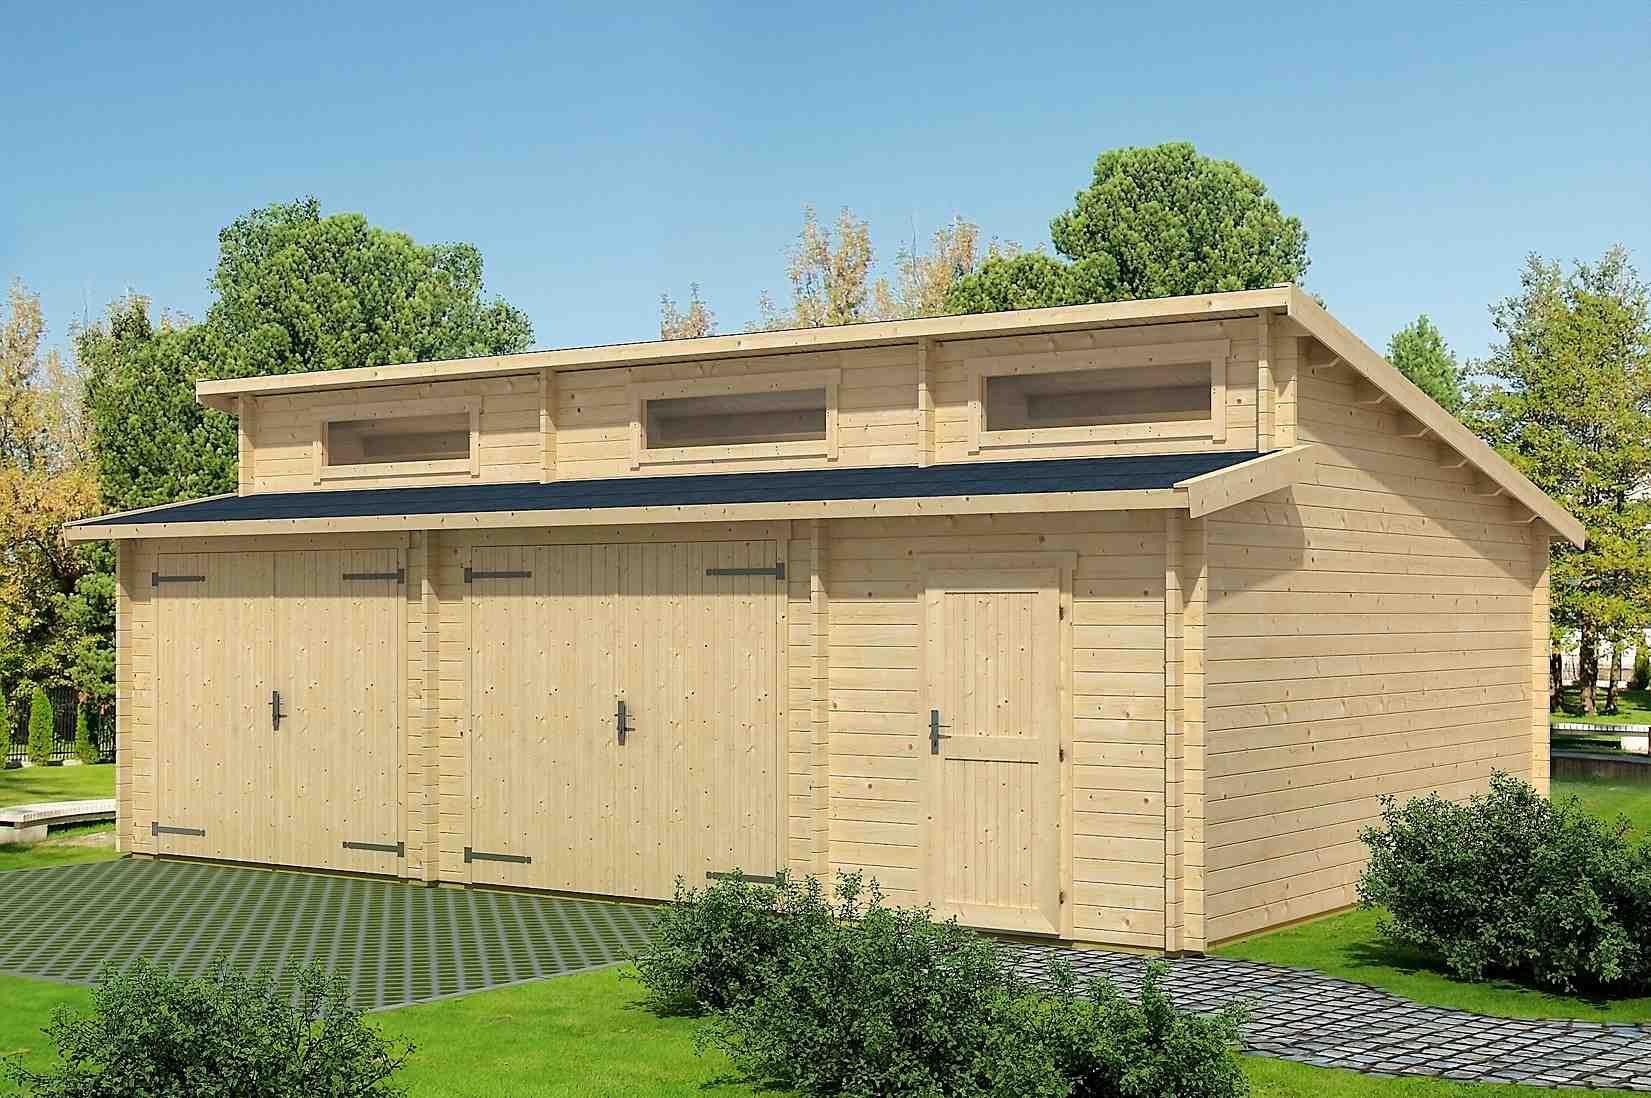 Holzgarage H158 inkl. Schwingtor - 44 mm Blockbohlenhaus, Grundfläche: 40,50 m², Stufendach